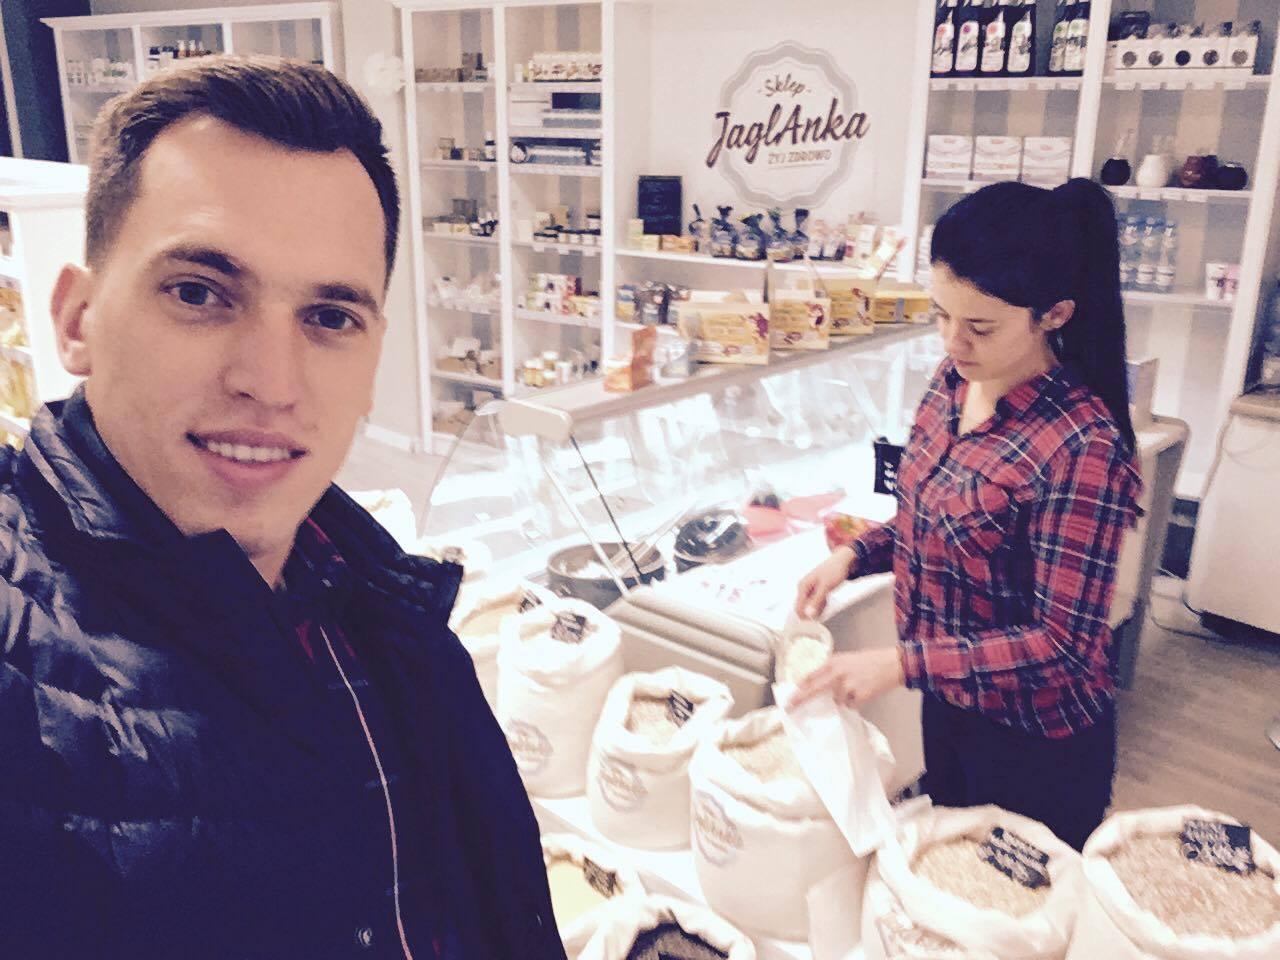 """Tomek Zubrycki w """"Jaglance"""" - sklepie ze zdrową żywnością prowadzonym przez jego żonę"""